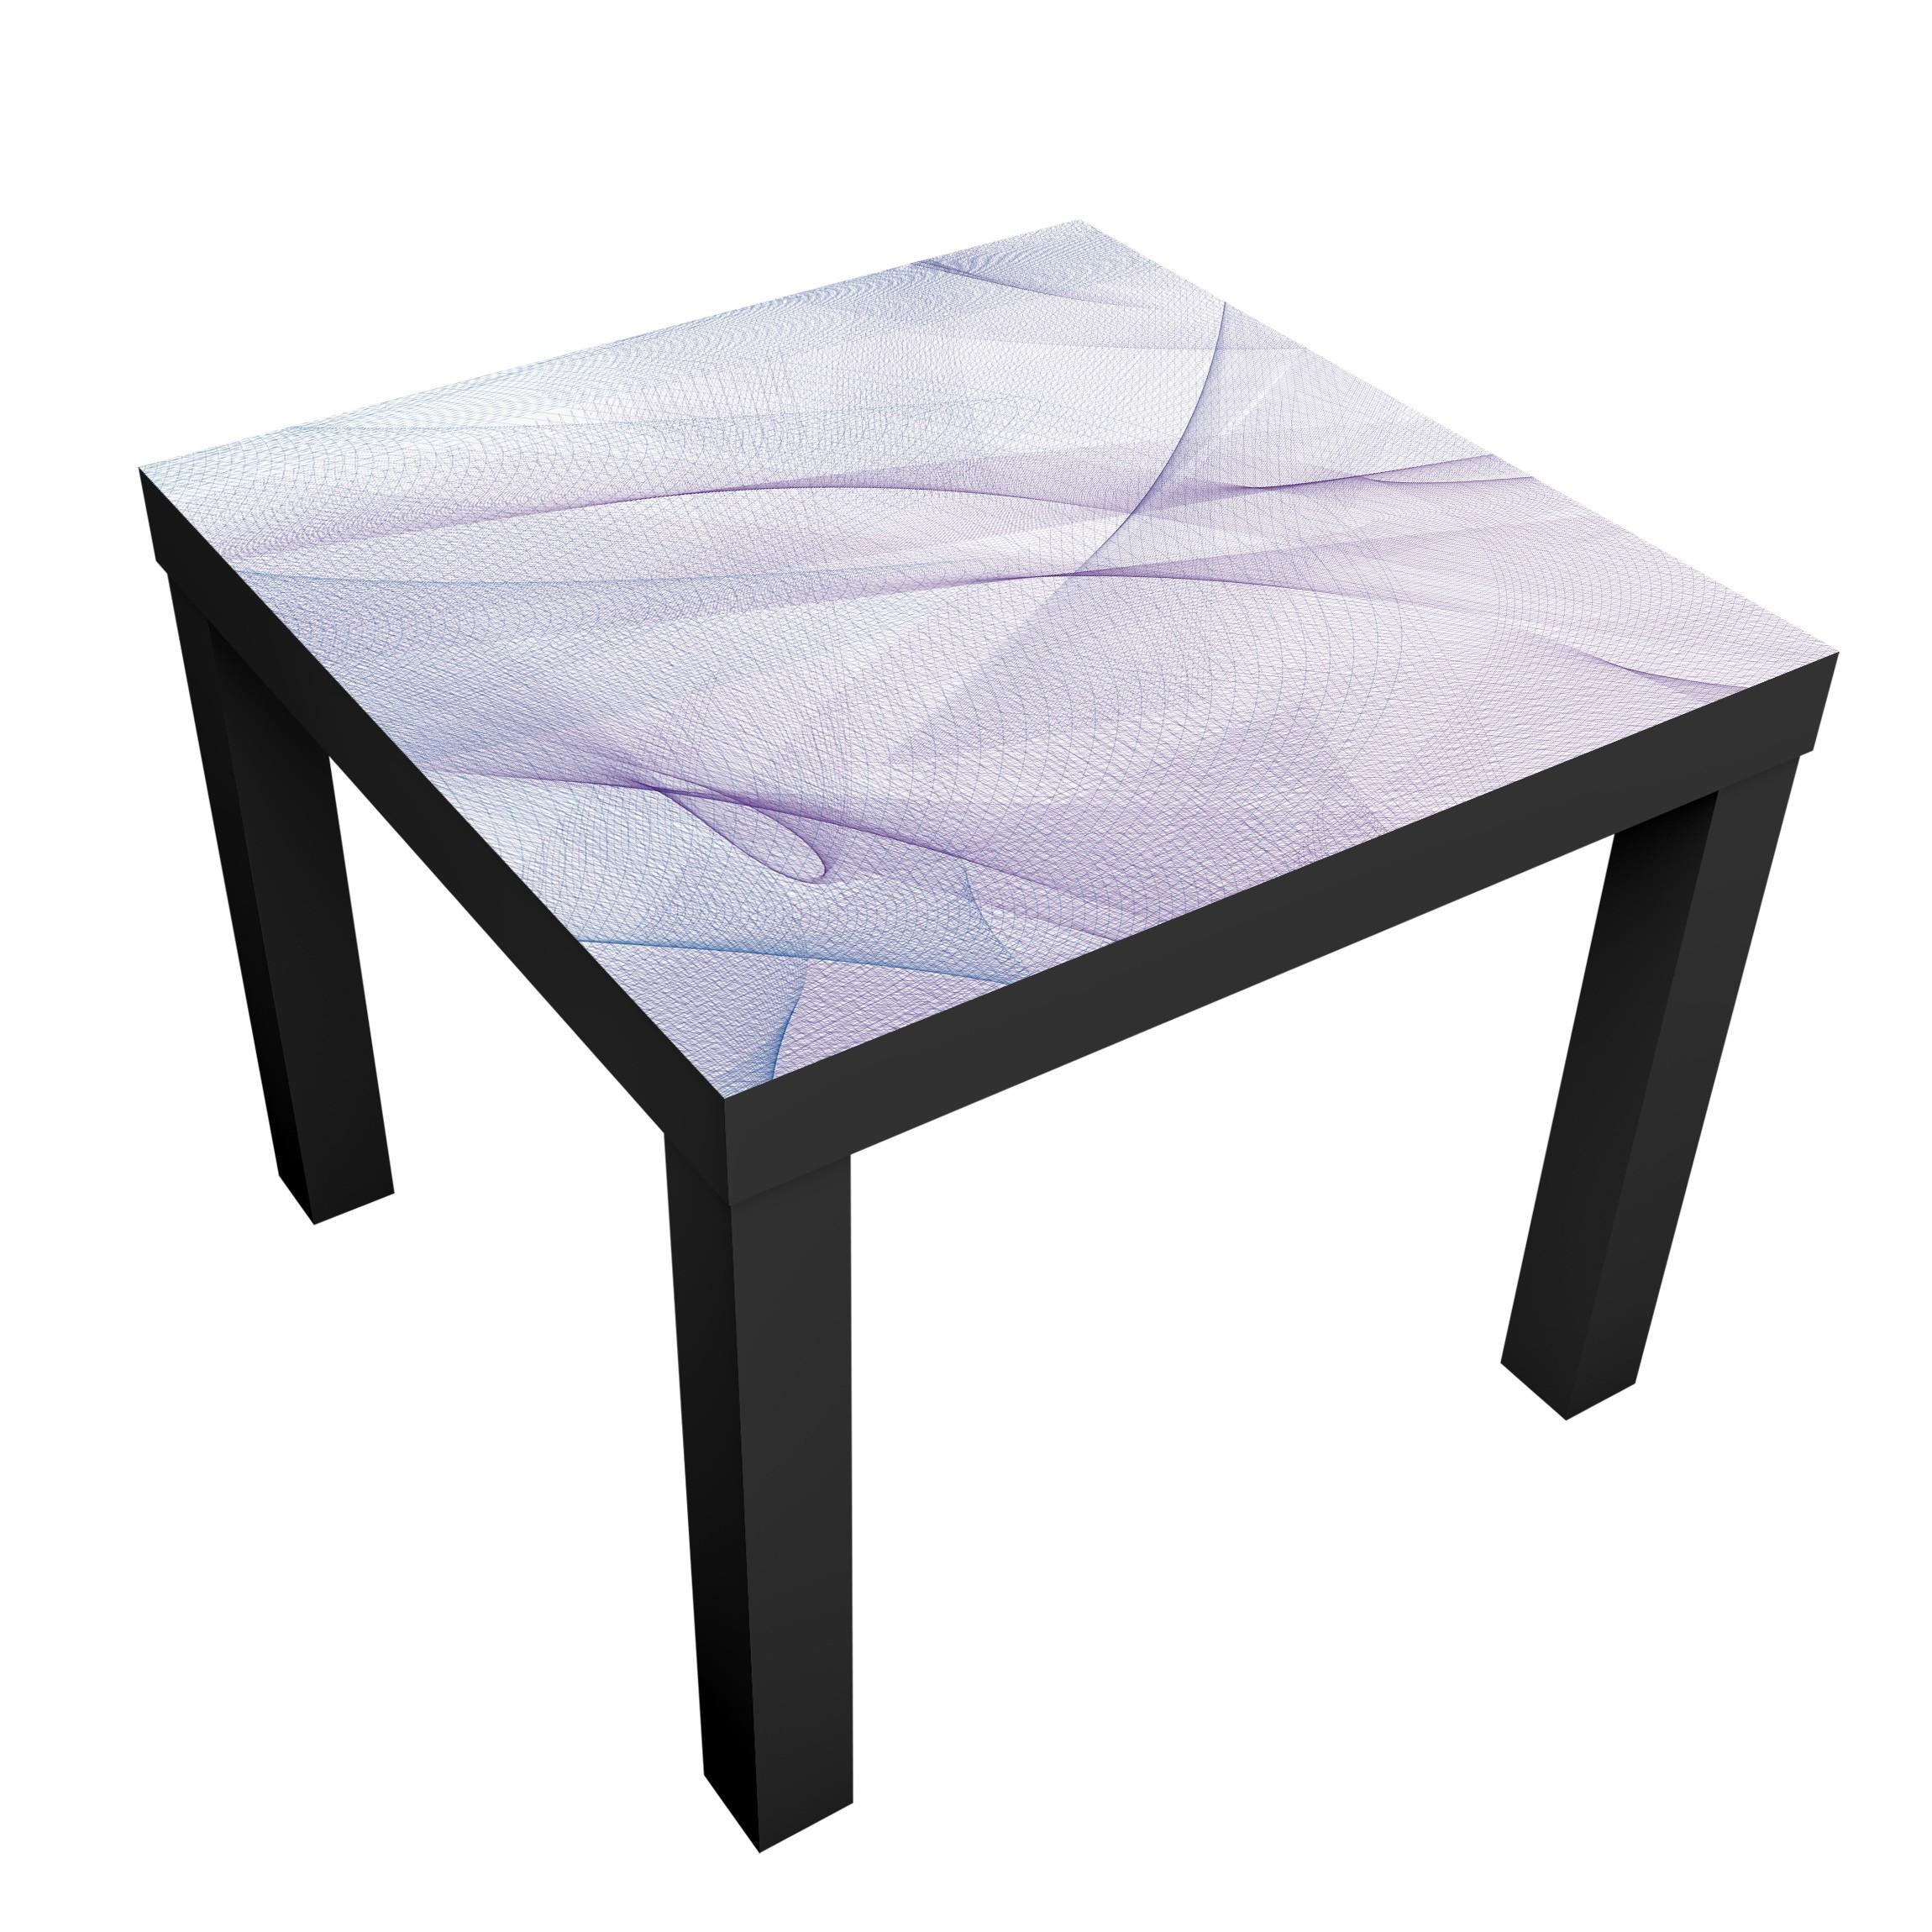 Carta adesiva per mobili ikea lack tavolino no ry9 for Carta adesiva per mobili ikea